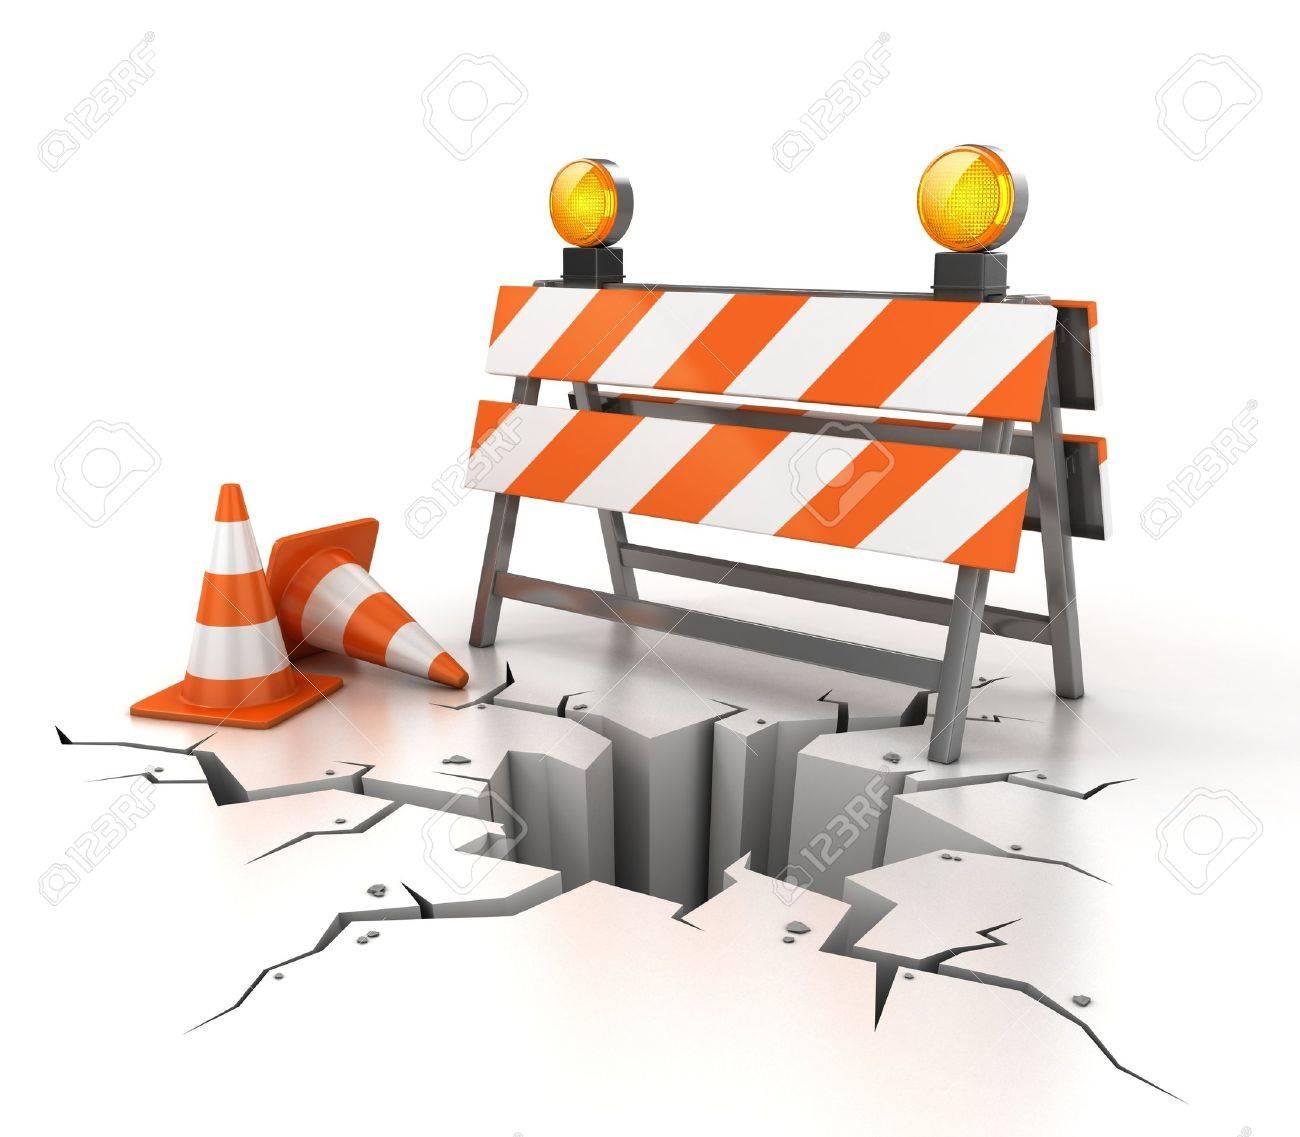 under construction 3d illustration Stock Illustration - 12557829